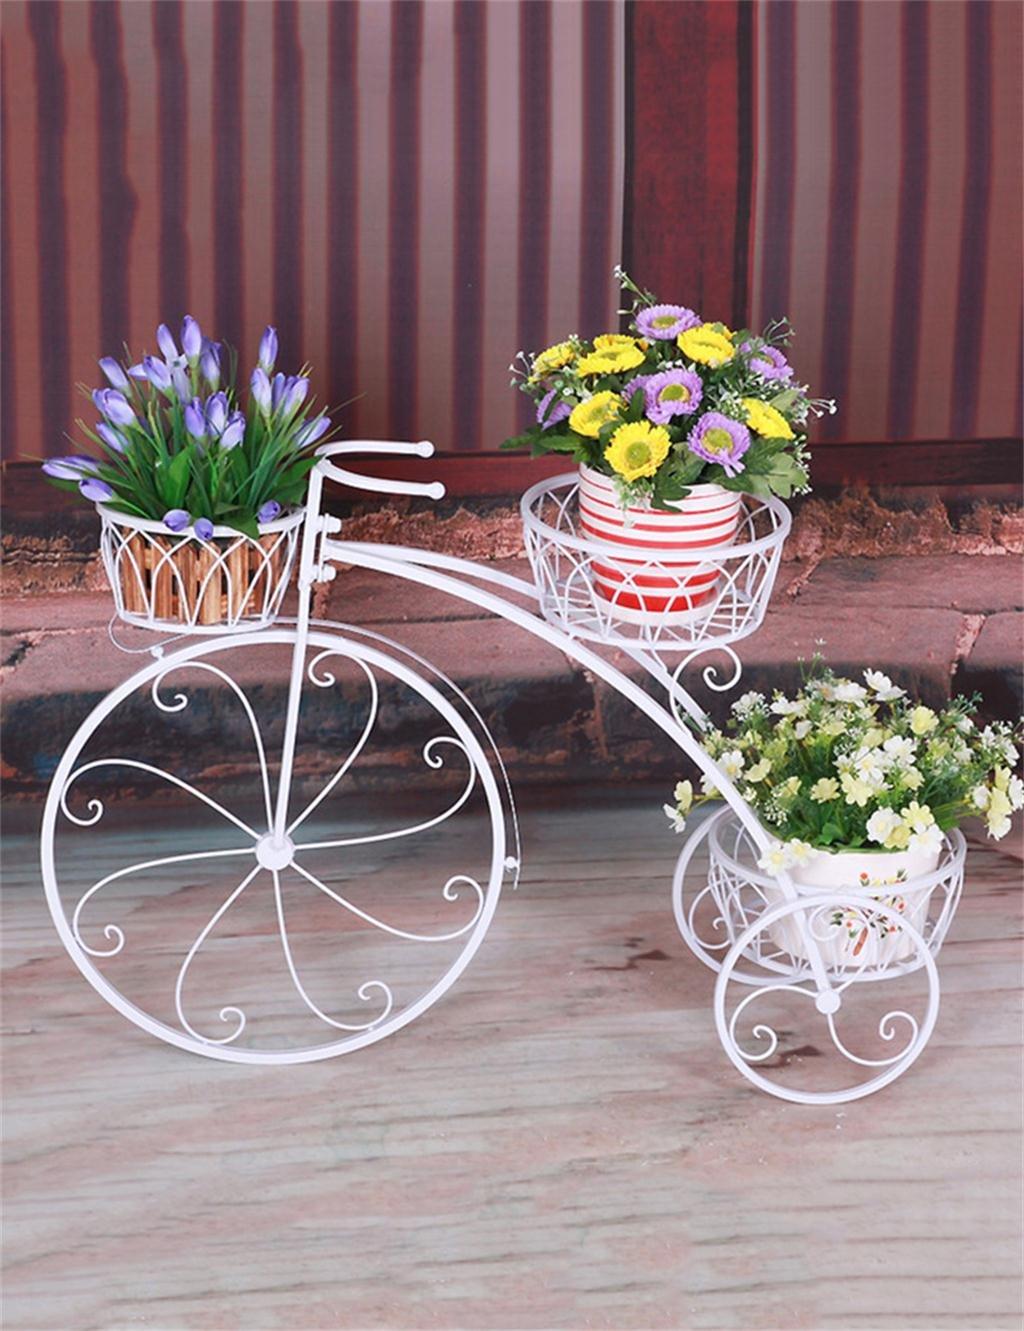 European-Style Garten Eisen Fahrrad-Modell Pflanze Shelf Holds3-Blumentopf Shelf Für Balkon, indoor, outdoor, Flower Racks ( farbe : Weiß )